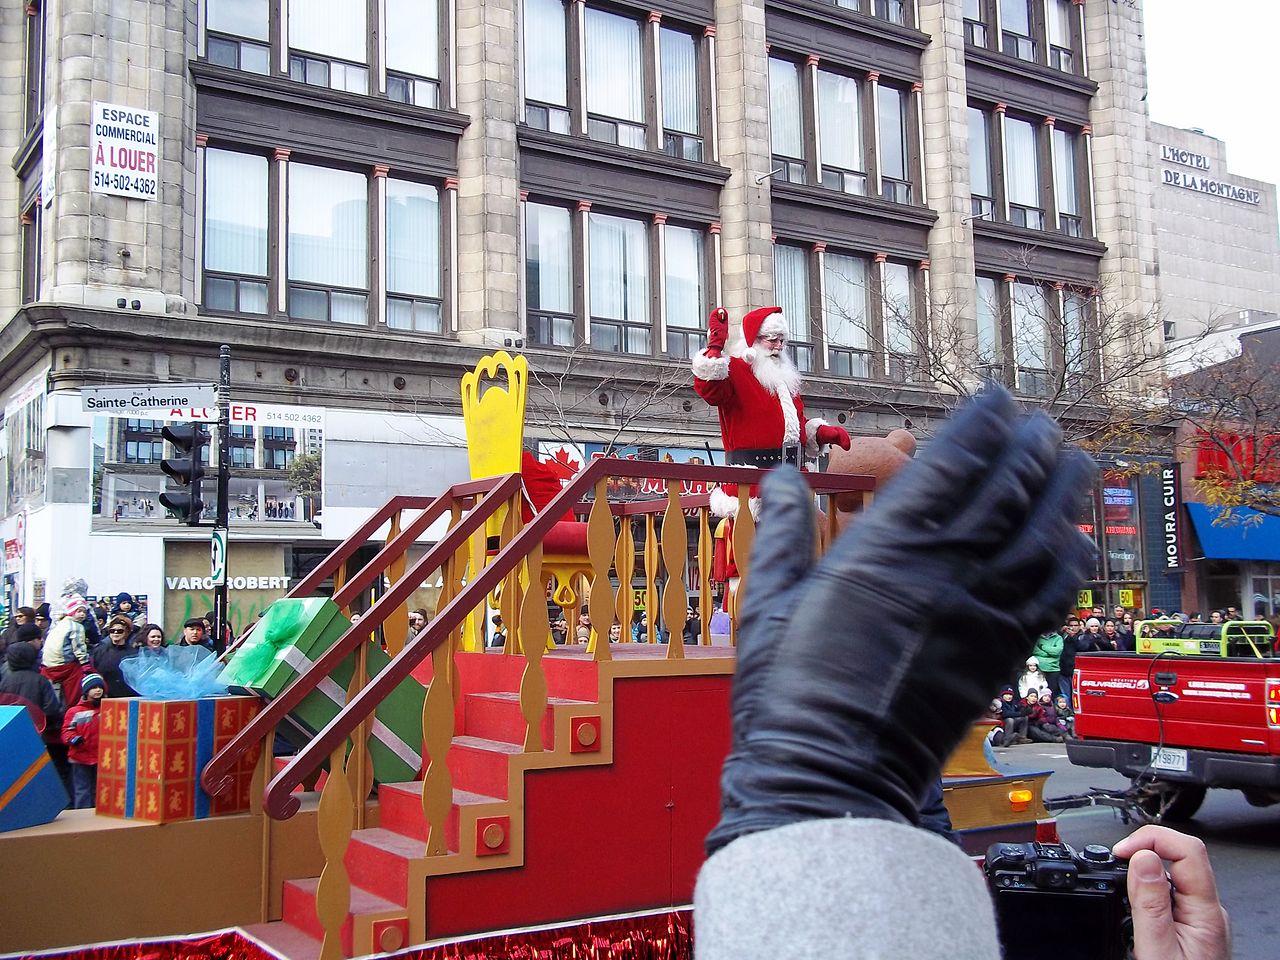 El desfile de Papá Noel